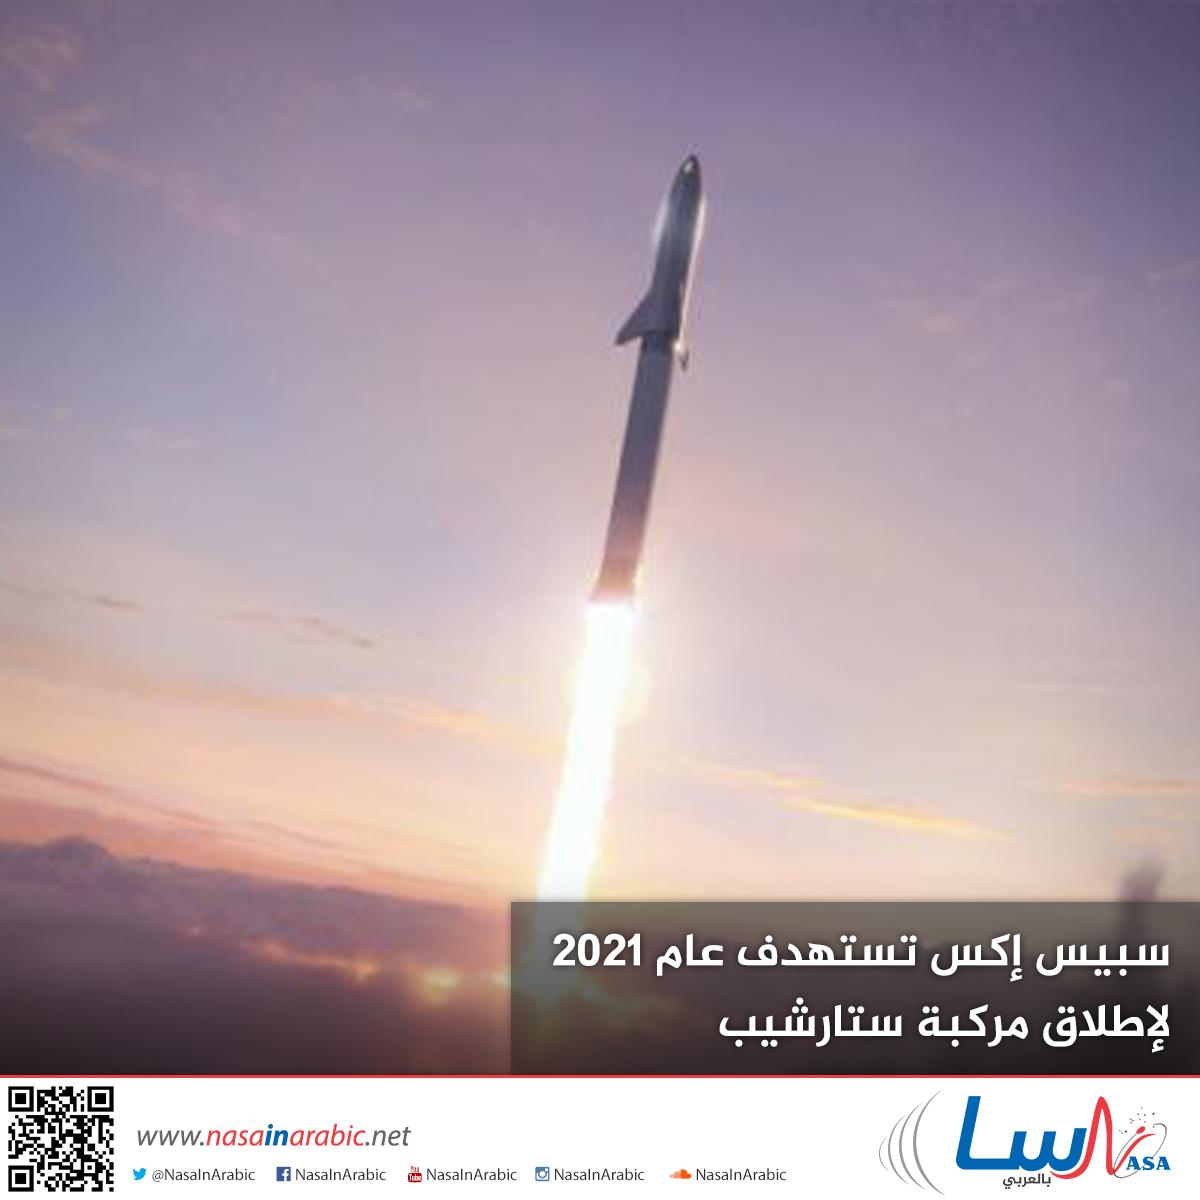 سبيس إكس تستهدف عام 2021 لإطلاق مركبة ستارشيب